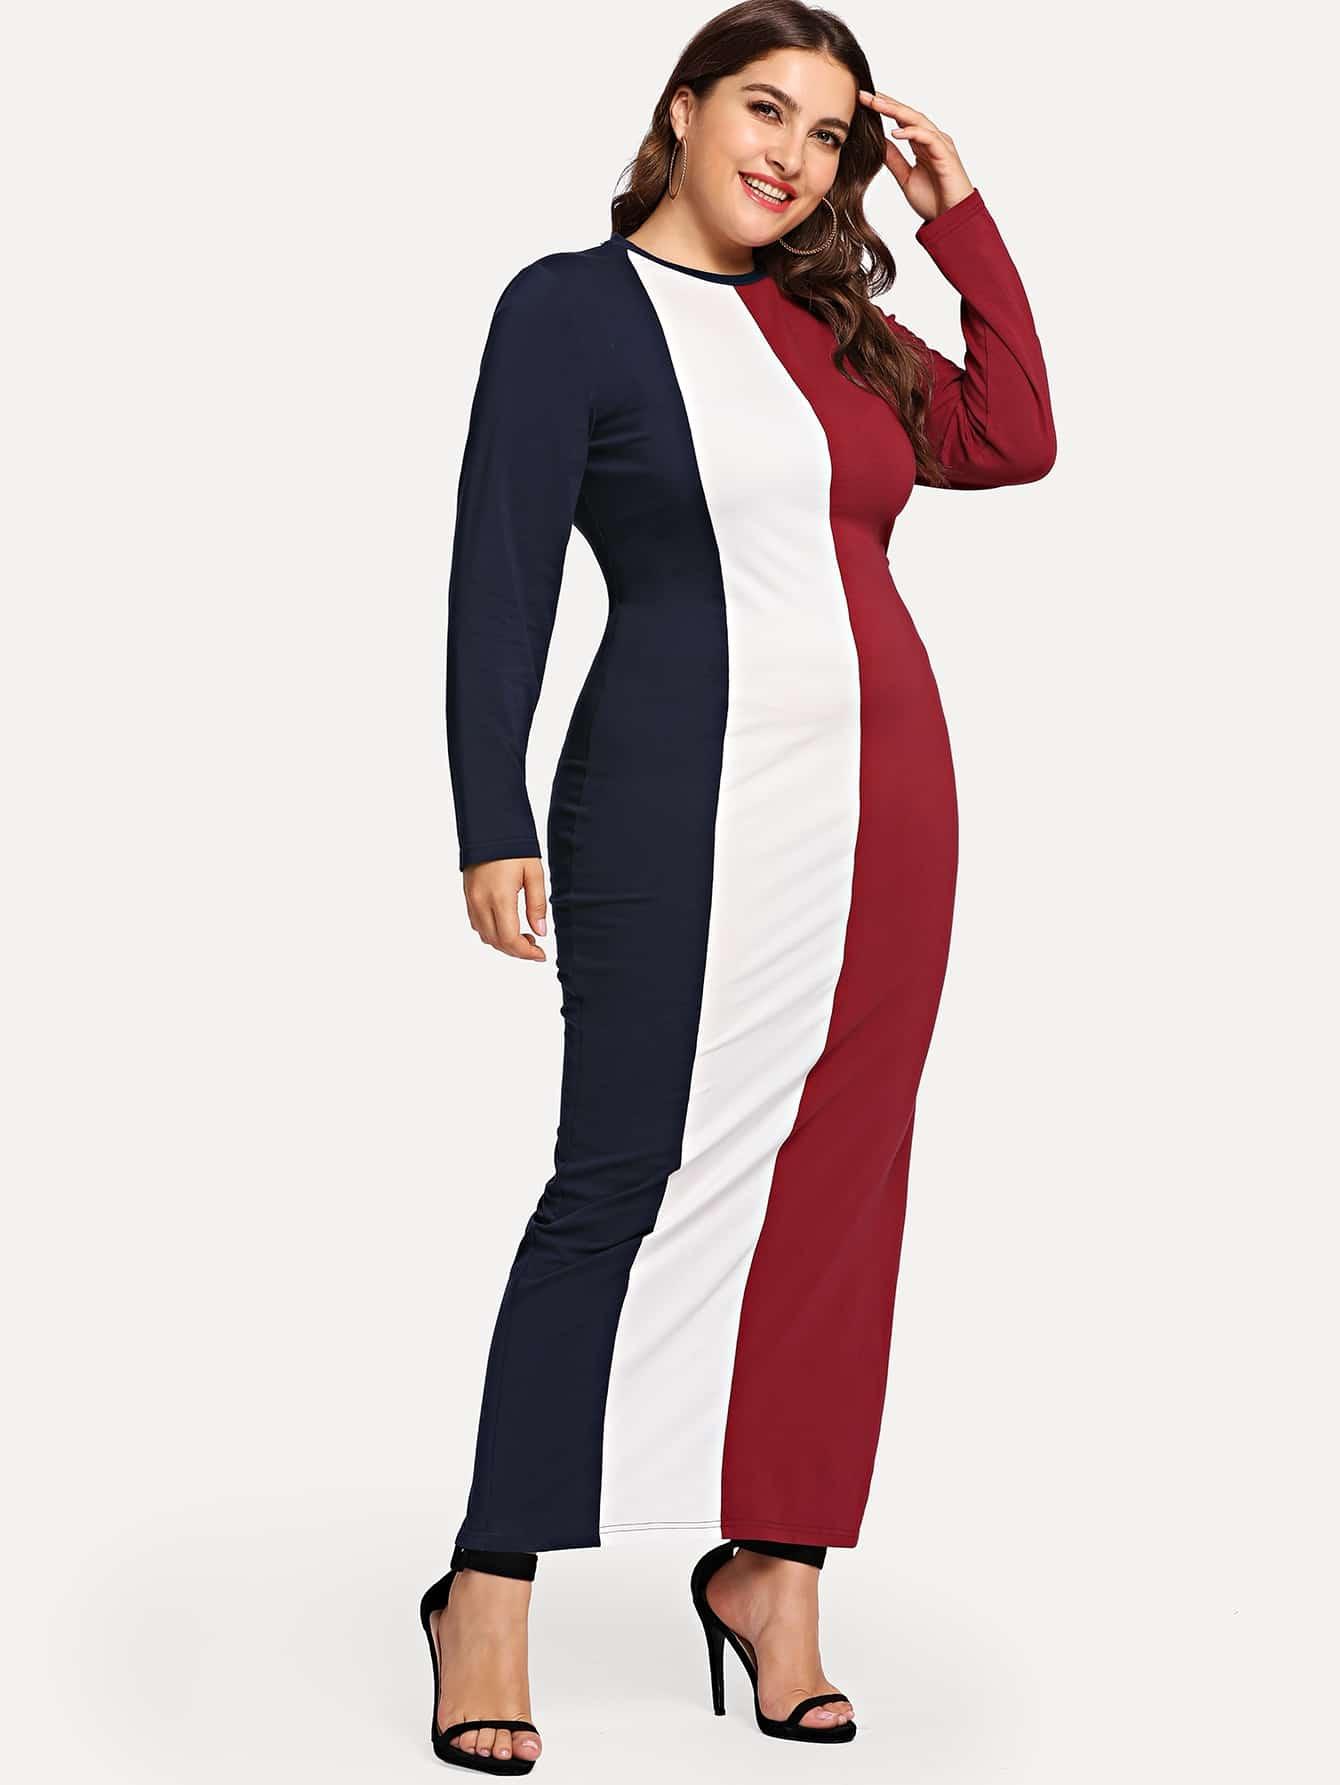 Разноцветное облегающее платье размера плюс